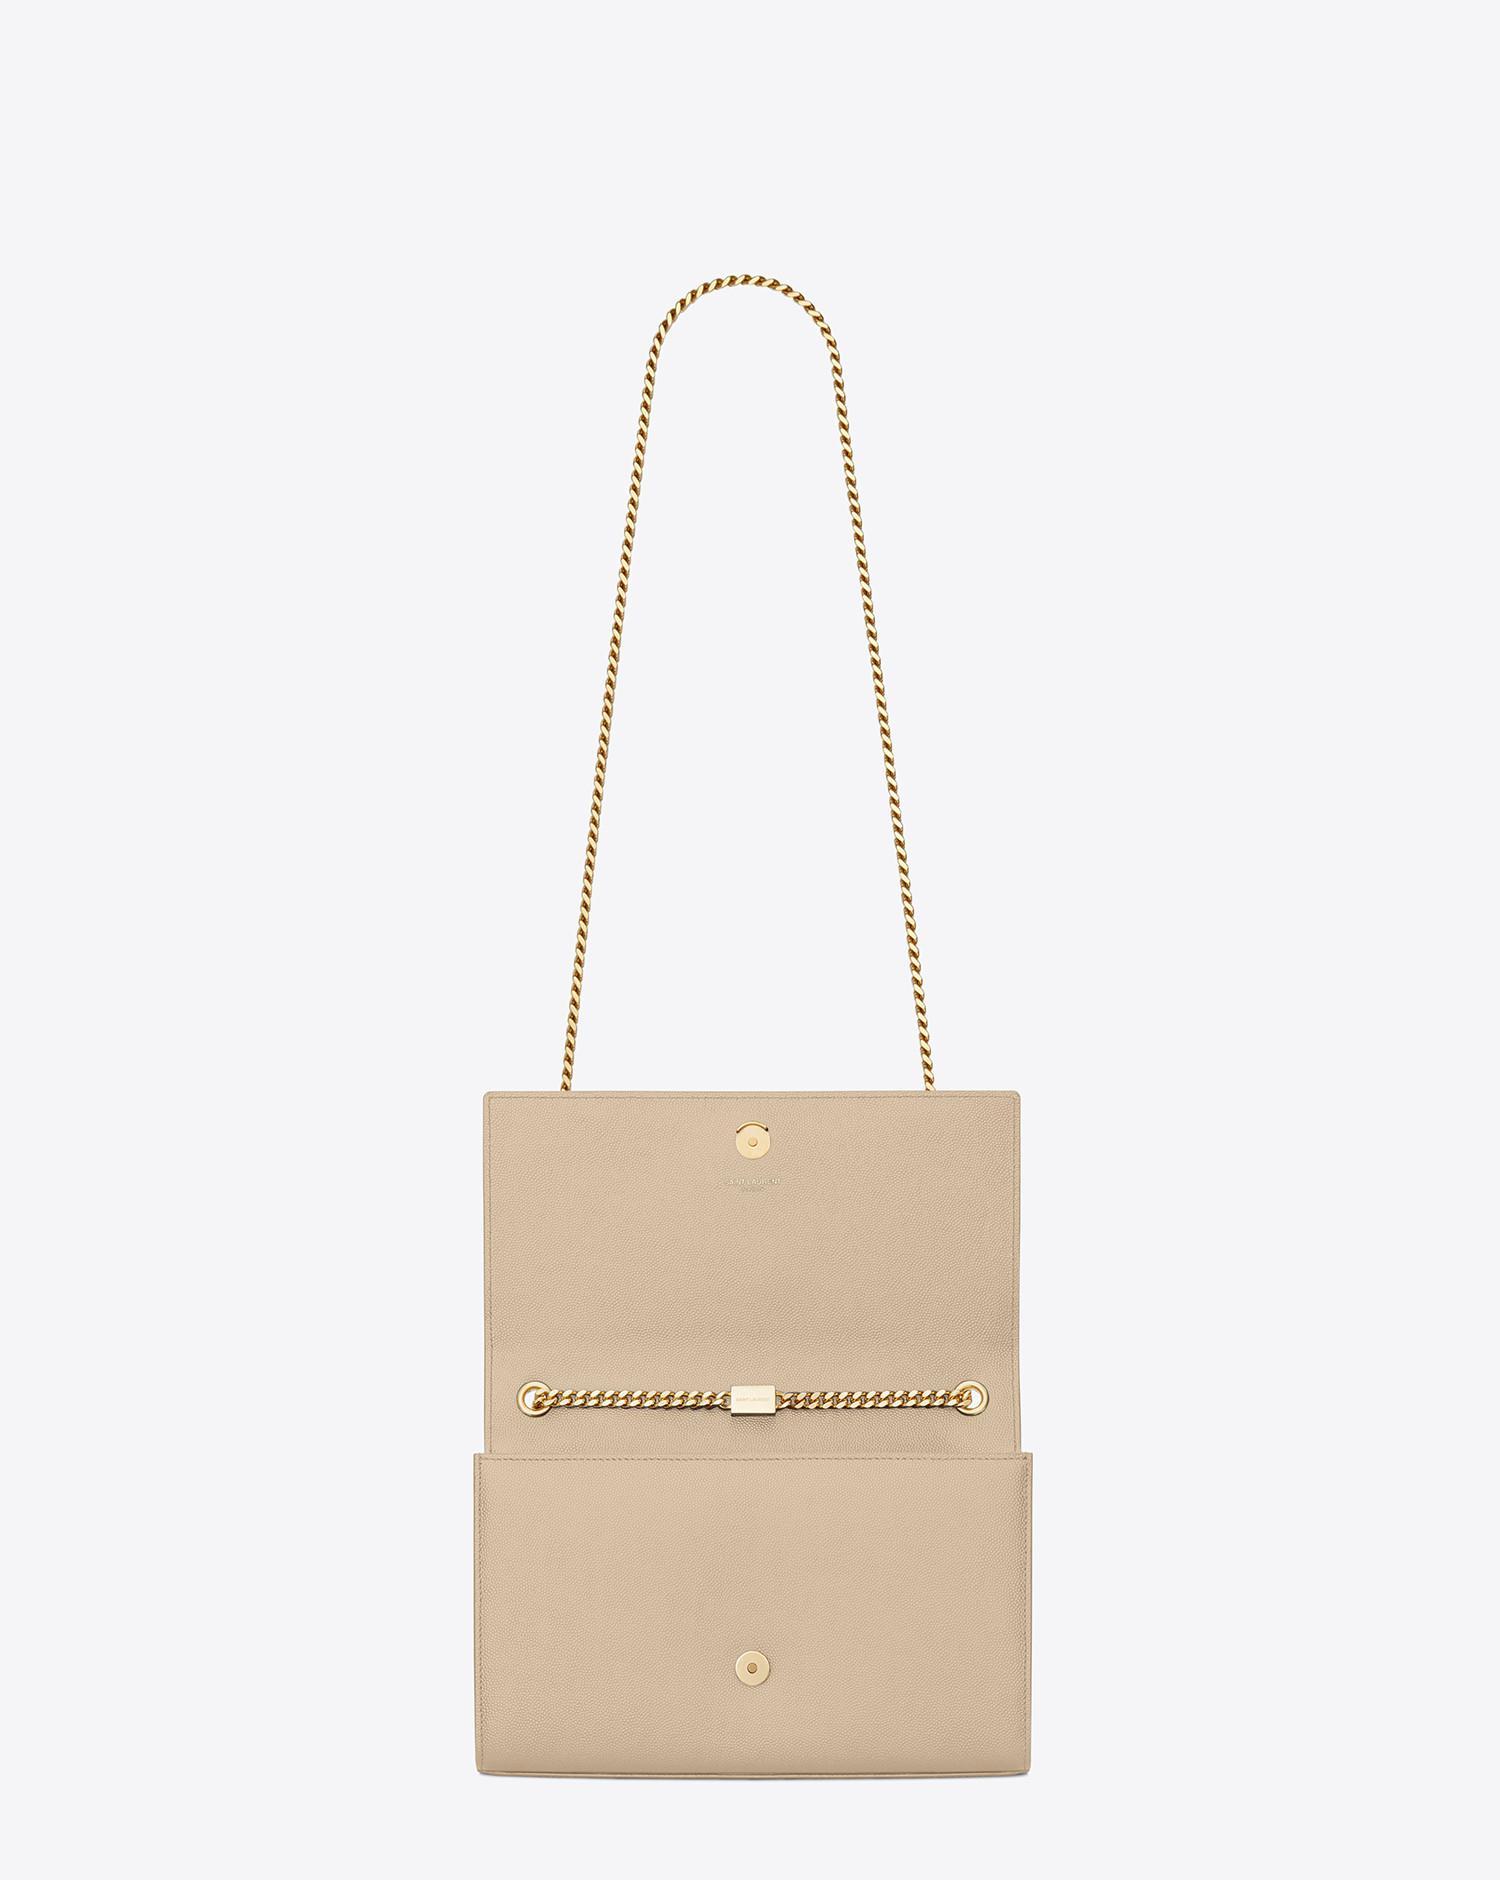 399593014d2d Saint Laurent Classic Medium Monogram Satchel In Powder Grain De Poudre  Textured Leather - Save 2% - Lyst